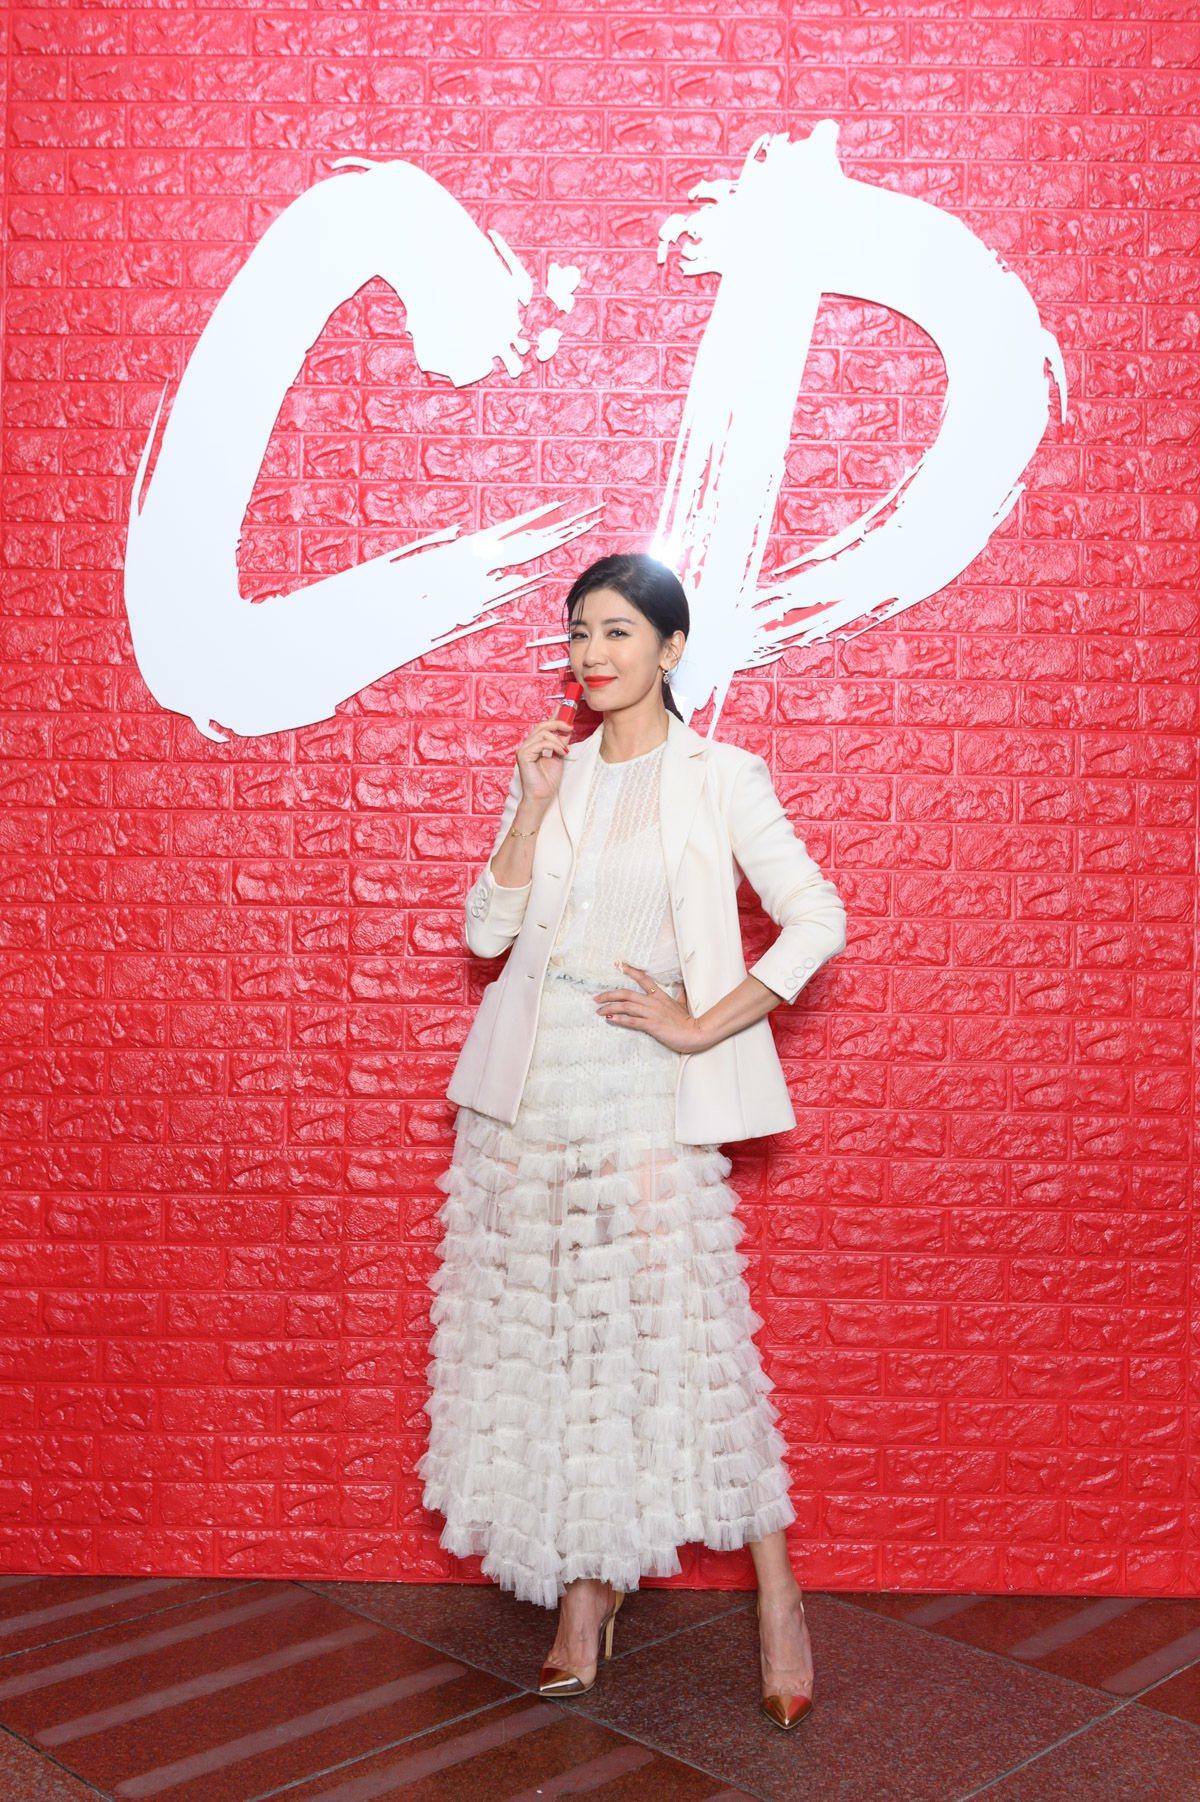 賈靜雯選用迪奧超惹火絲絨唇露#846 Poppy,搭配白色紗裙與西裝外套化身超惹...